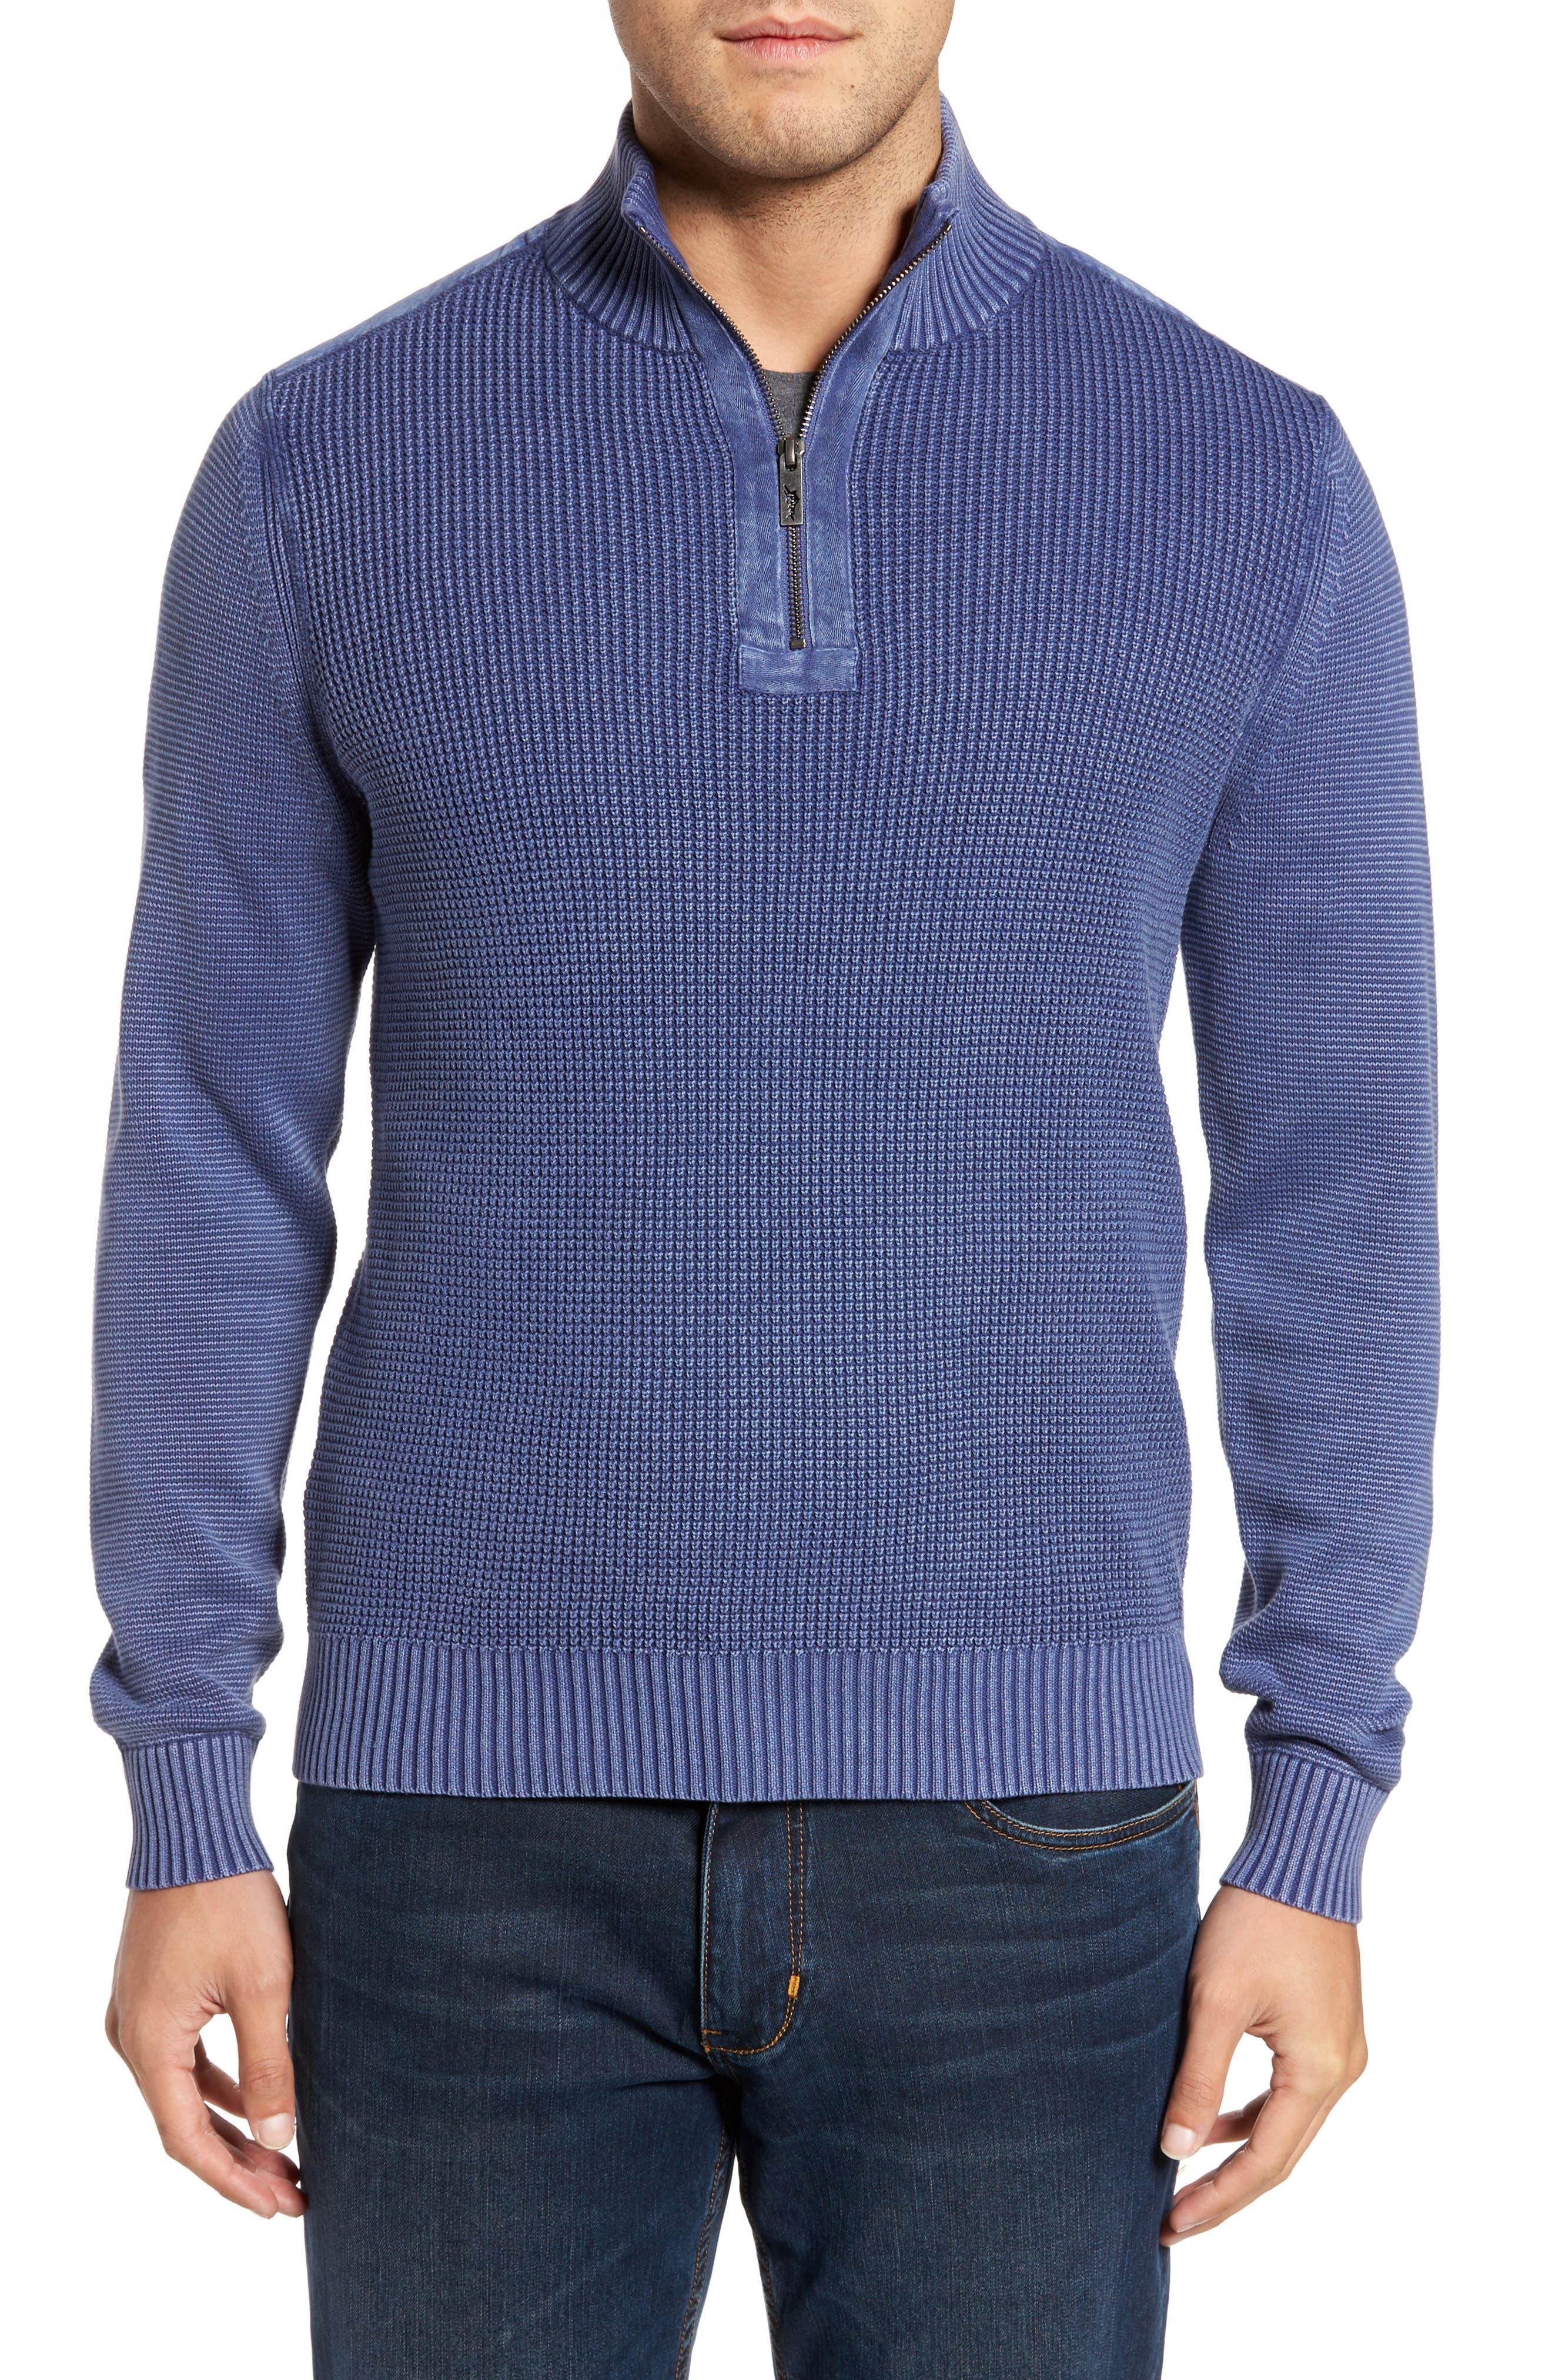 Coastal Shores Quarter Zip Sweater,                         Main,                         color, Downpour